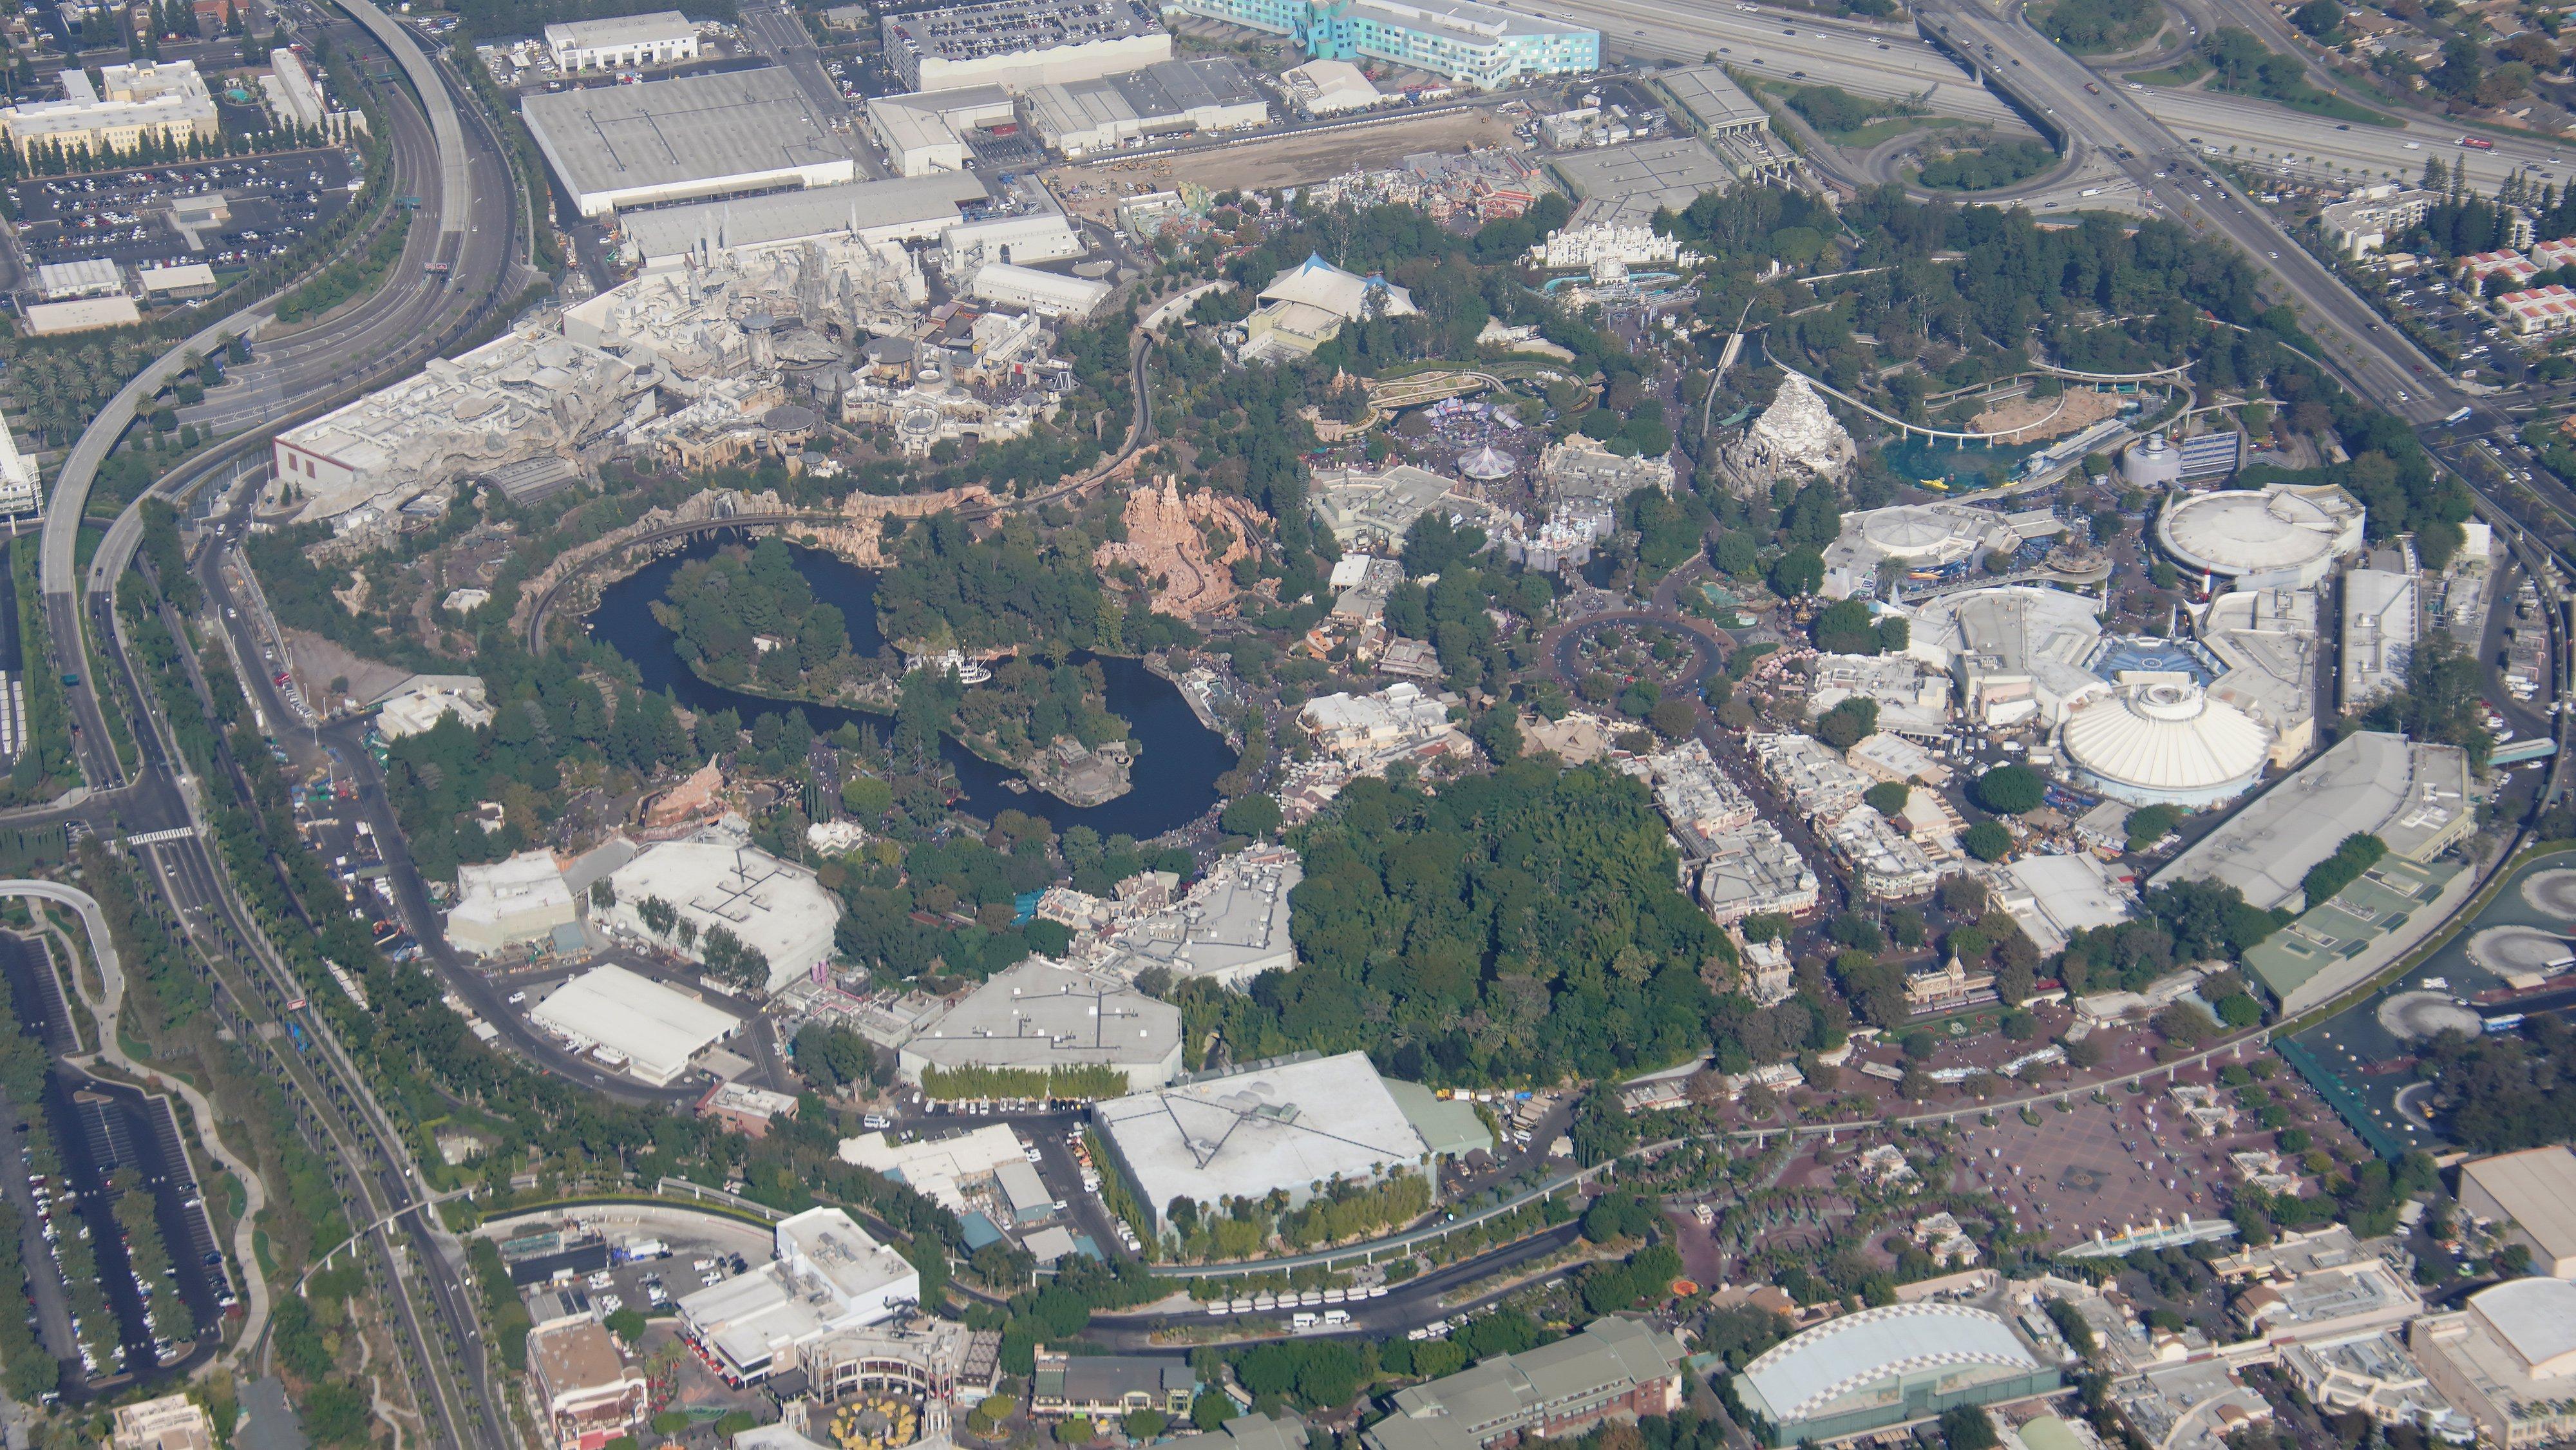 Disneyland Resort vu du ciel, des images sublimes! EJaPlKpUUAEGabX?format=jpg&name=4096x4096